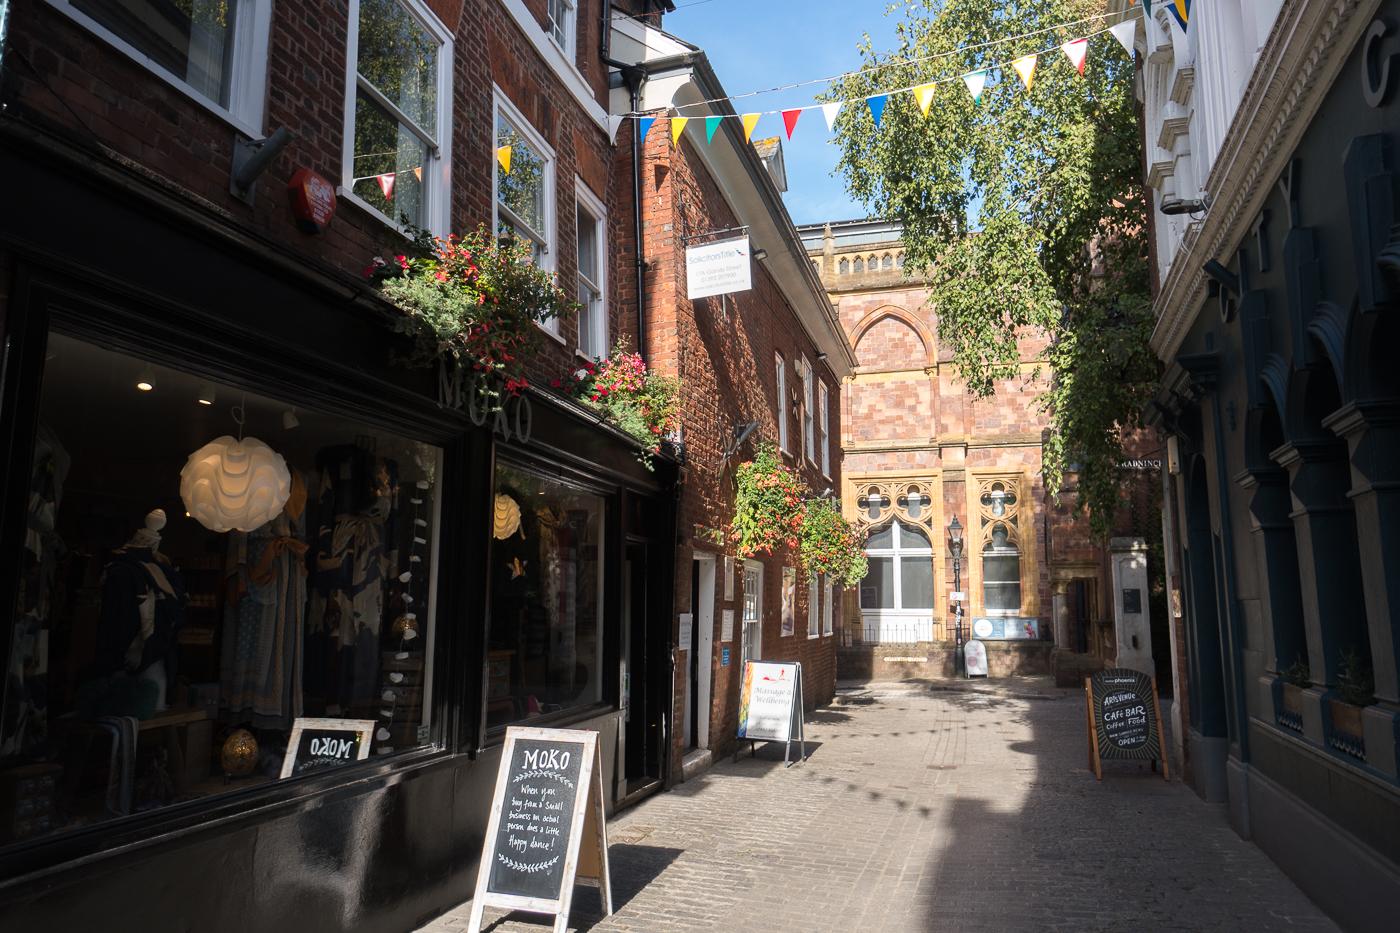 Petite ruelle mignonne - Quoi faire à Exeter en Angleterre